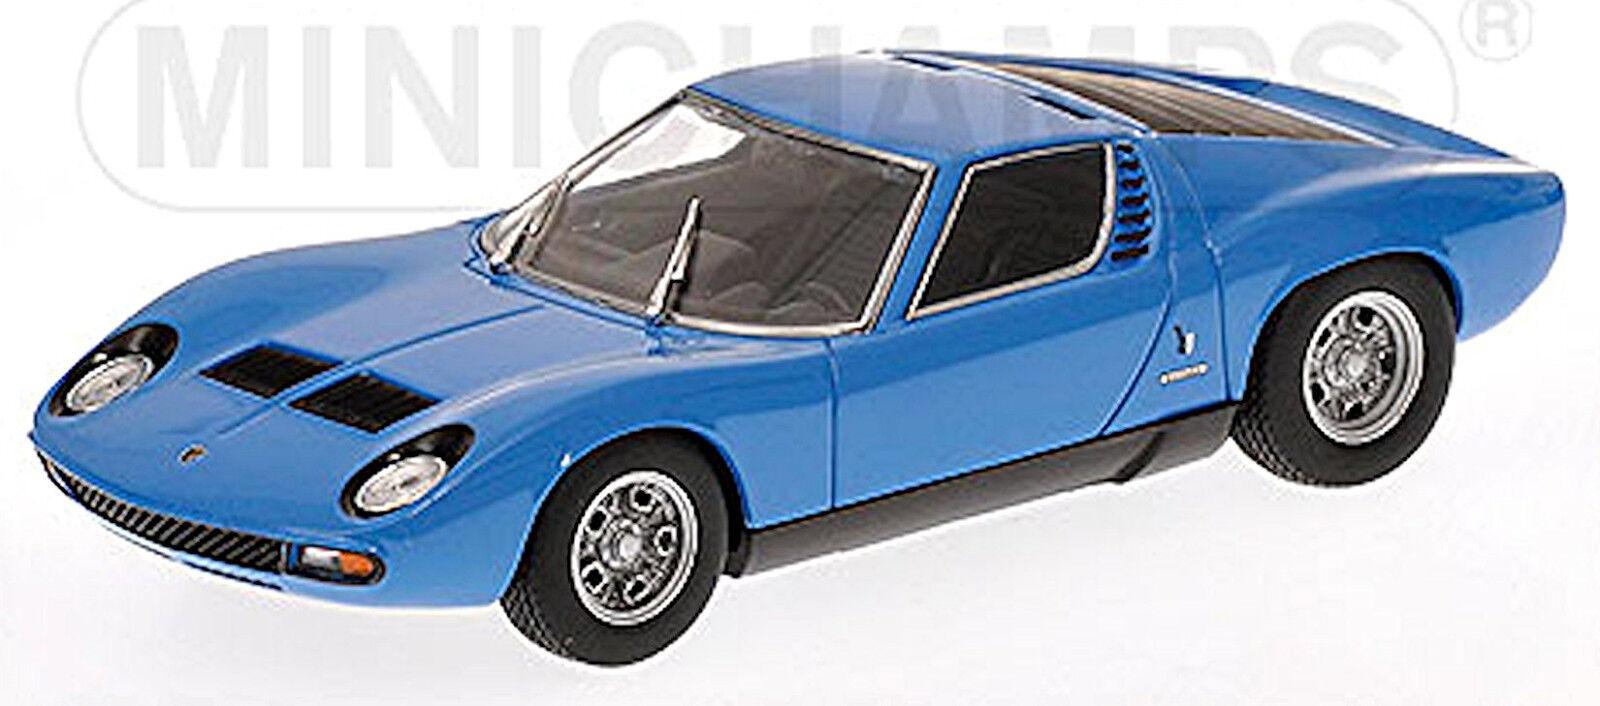 Lamborghini Miura SV 1971 azurro bleu bleu intérieur  noir noir 1 43 Minichamps